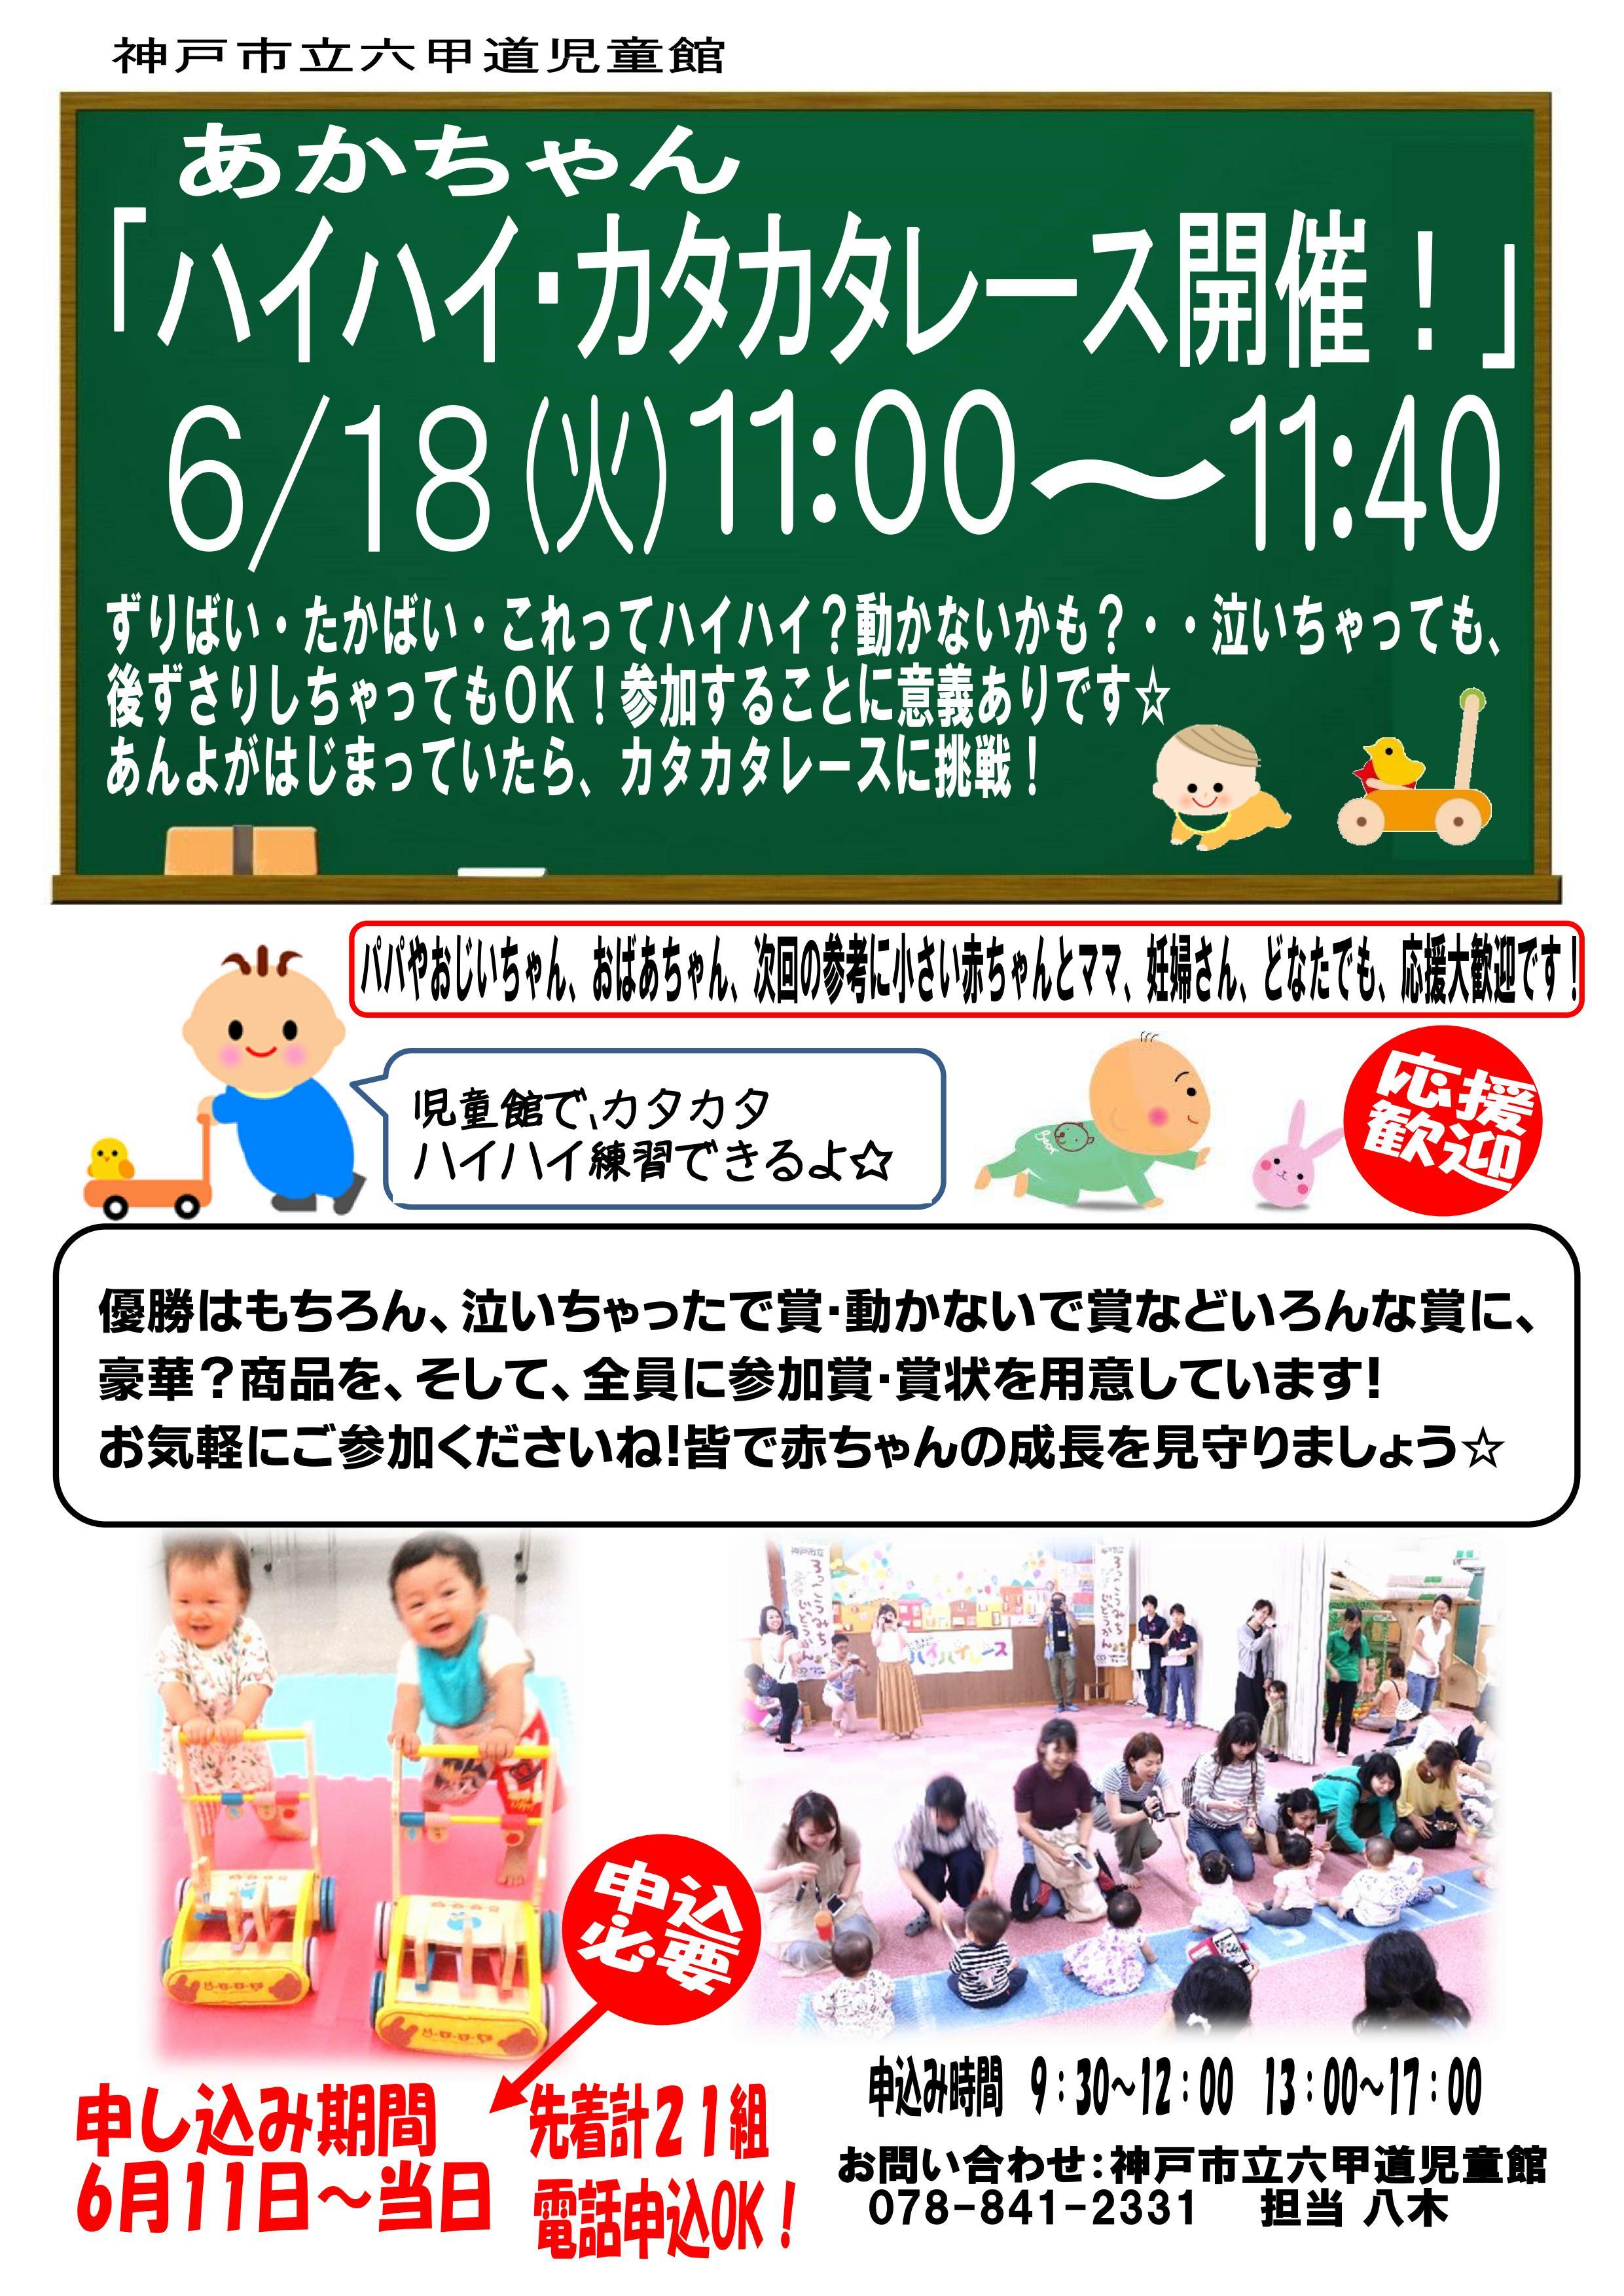 神戸市立六甲道児童館「ハイハイカタカタレース」6月開催します☆